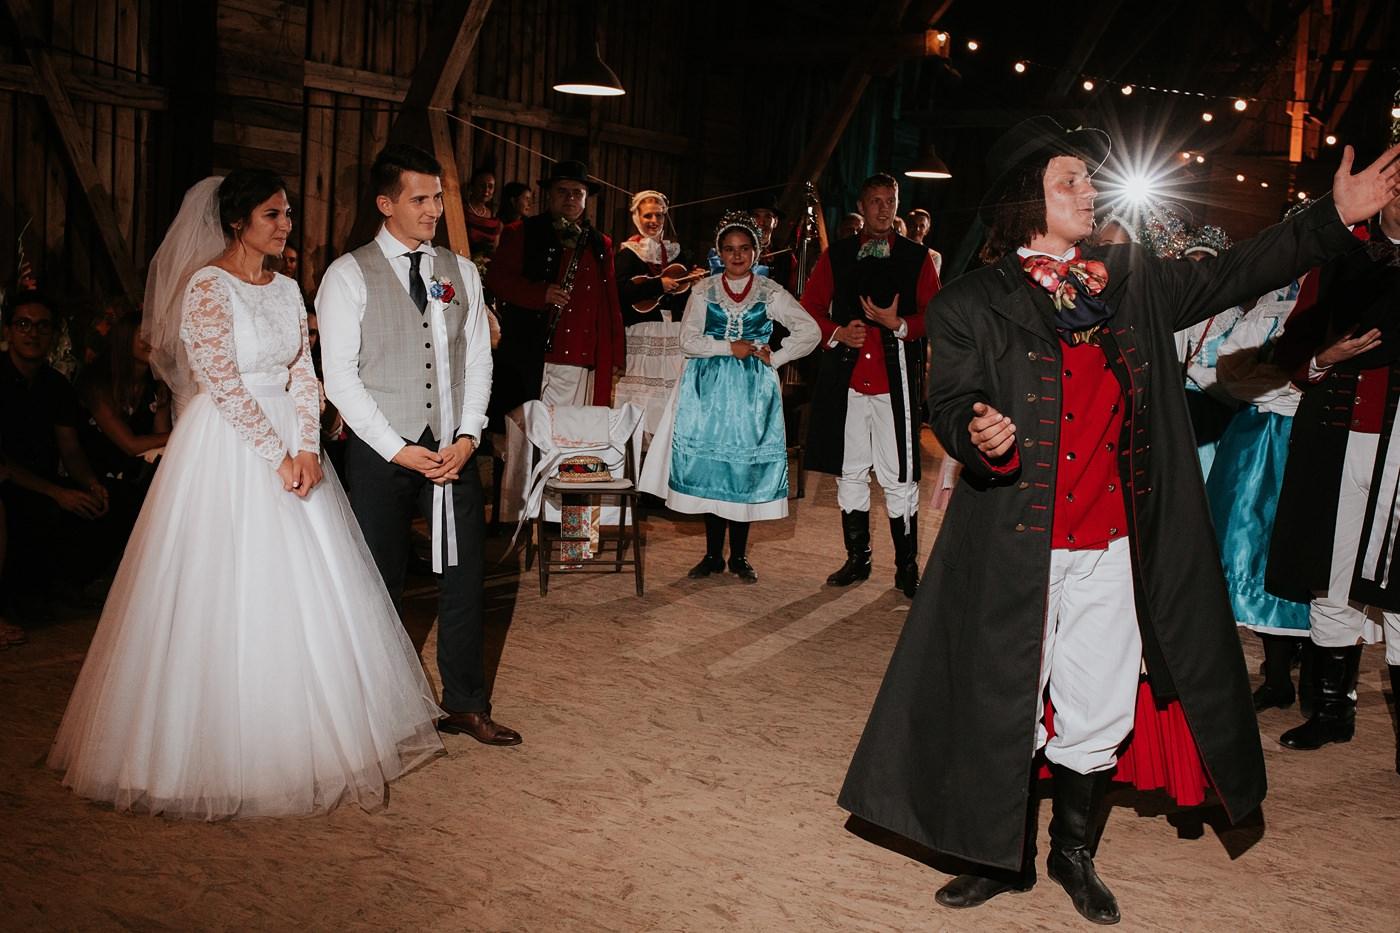 Dominika & Aleksander - Rustykalne wesele w stodole - Baborówko 129